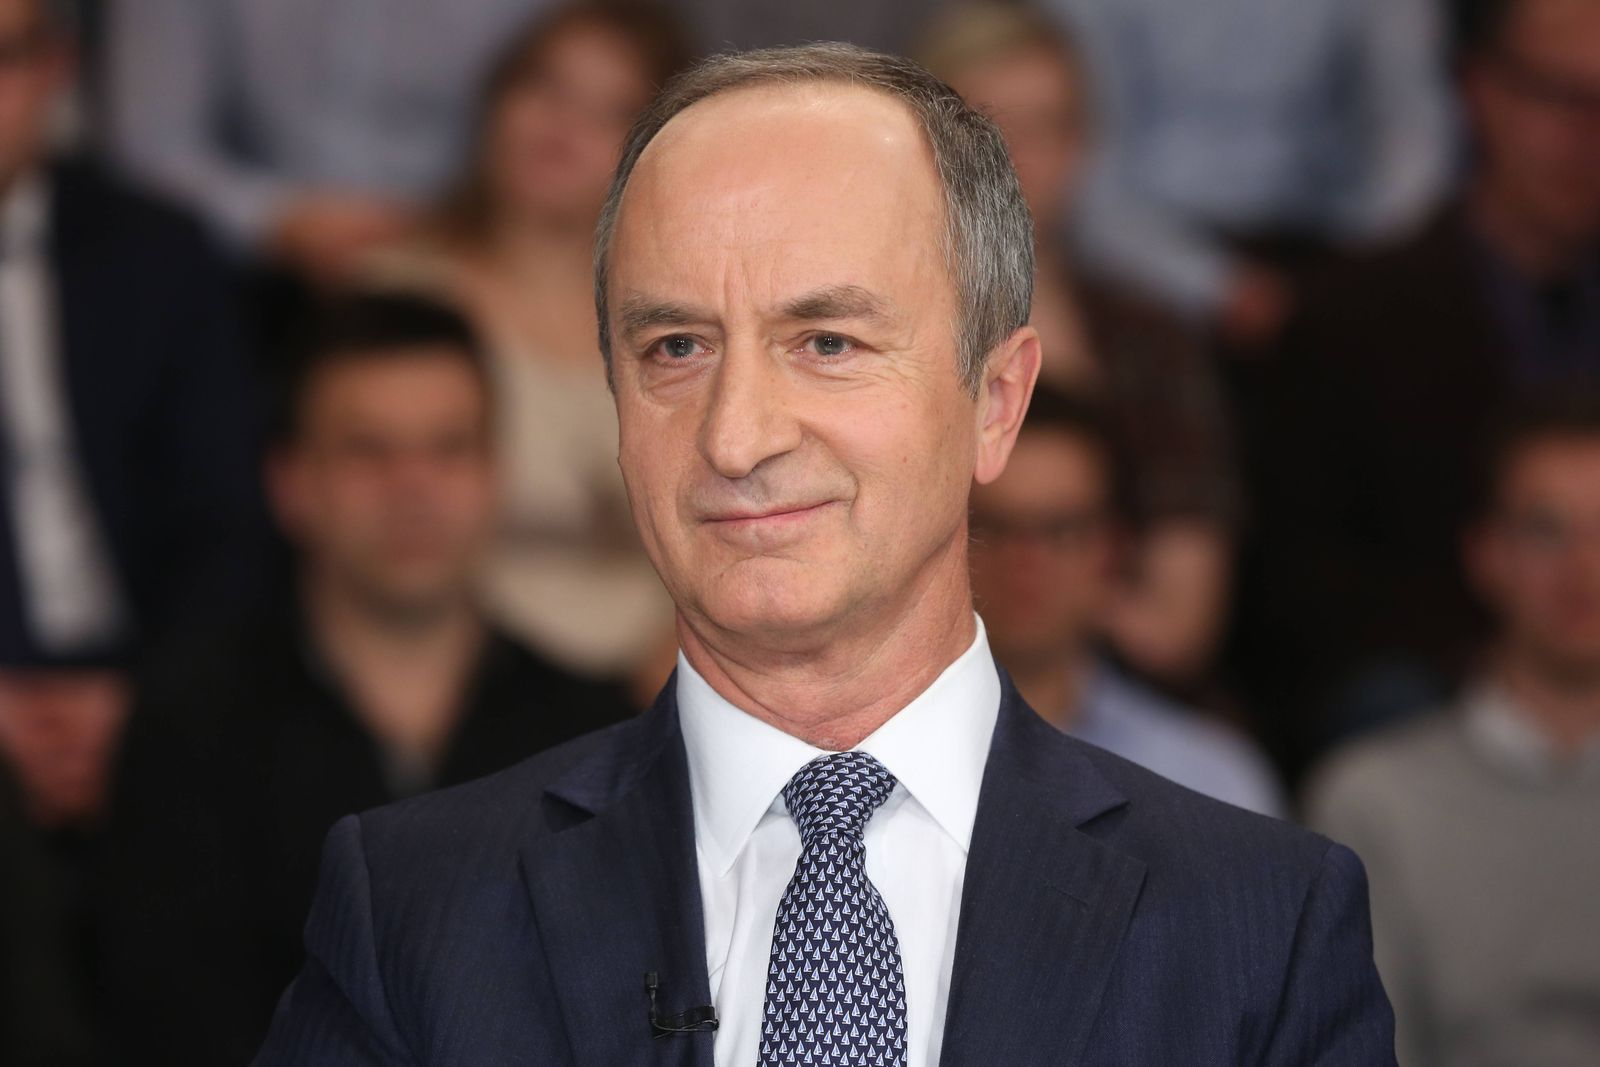 Janusz Reiter Polnischer Diplomat in der ZDF Talkshow maybrit illner am 20 11 2014 in Berlin Thema